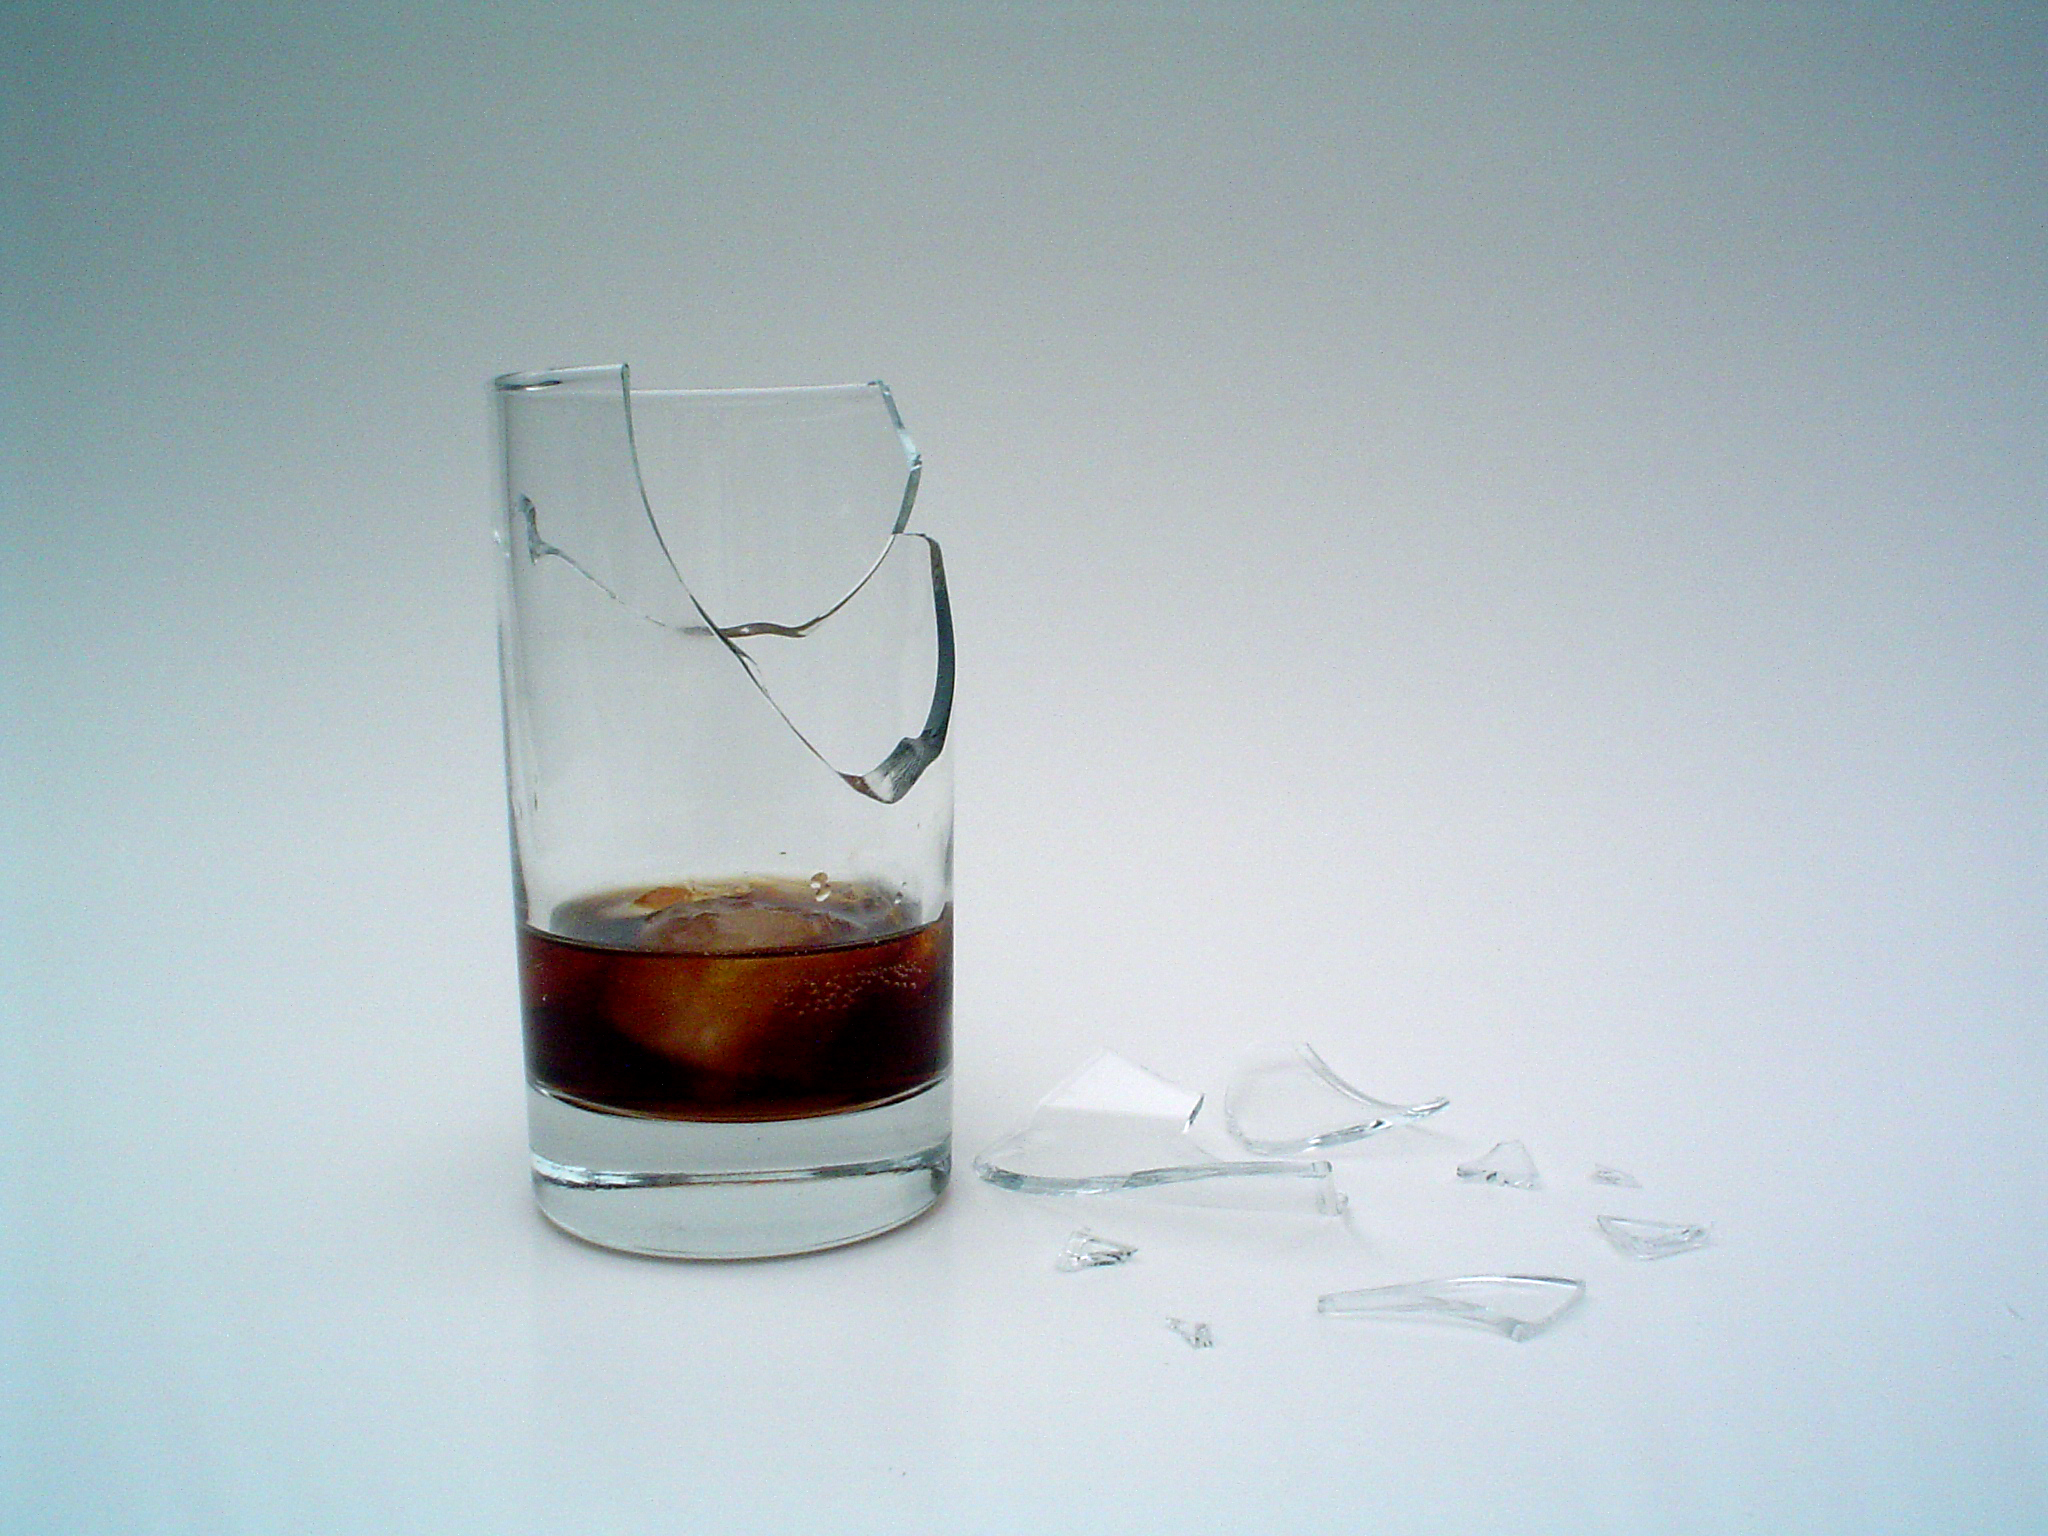 vaso roto